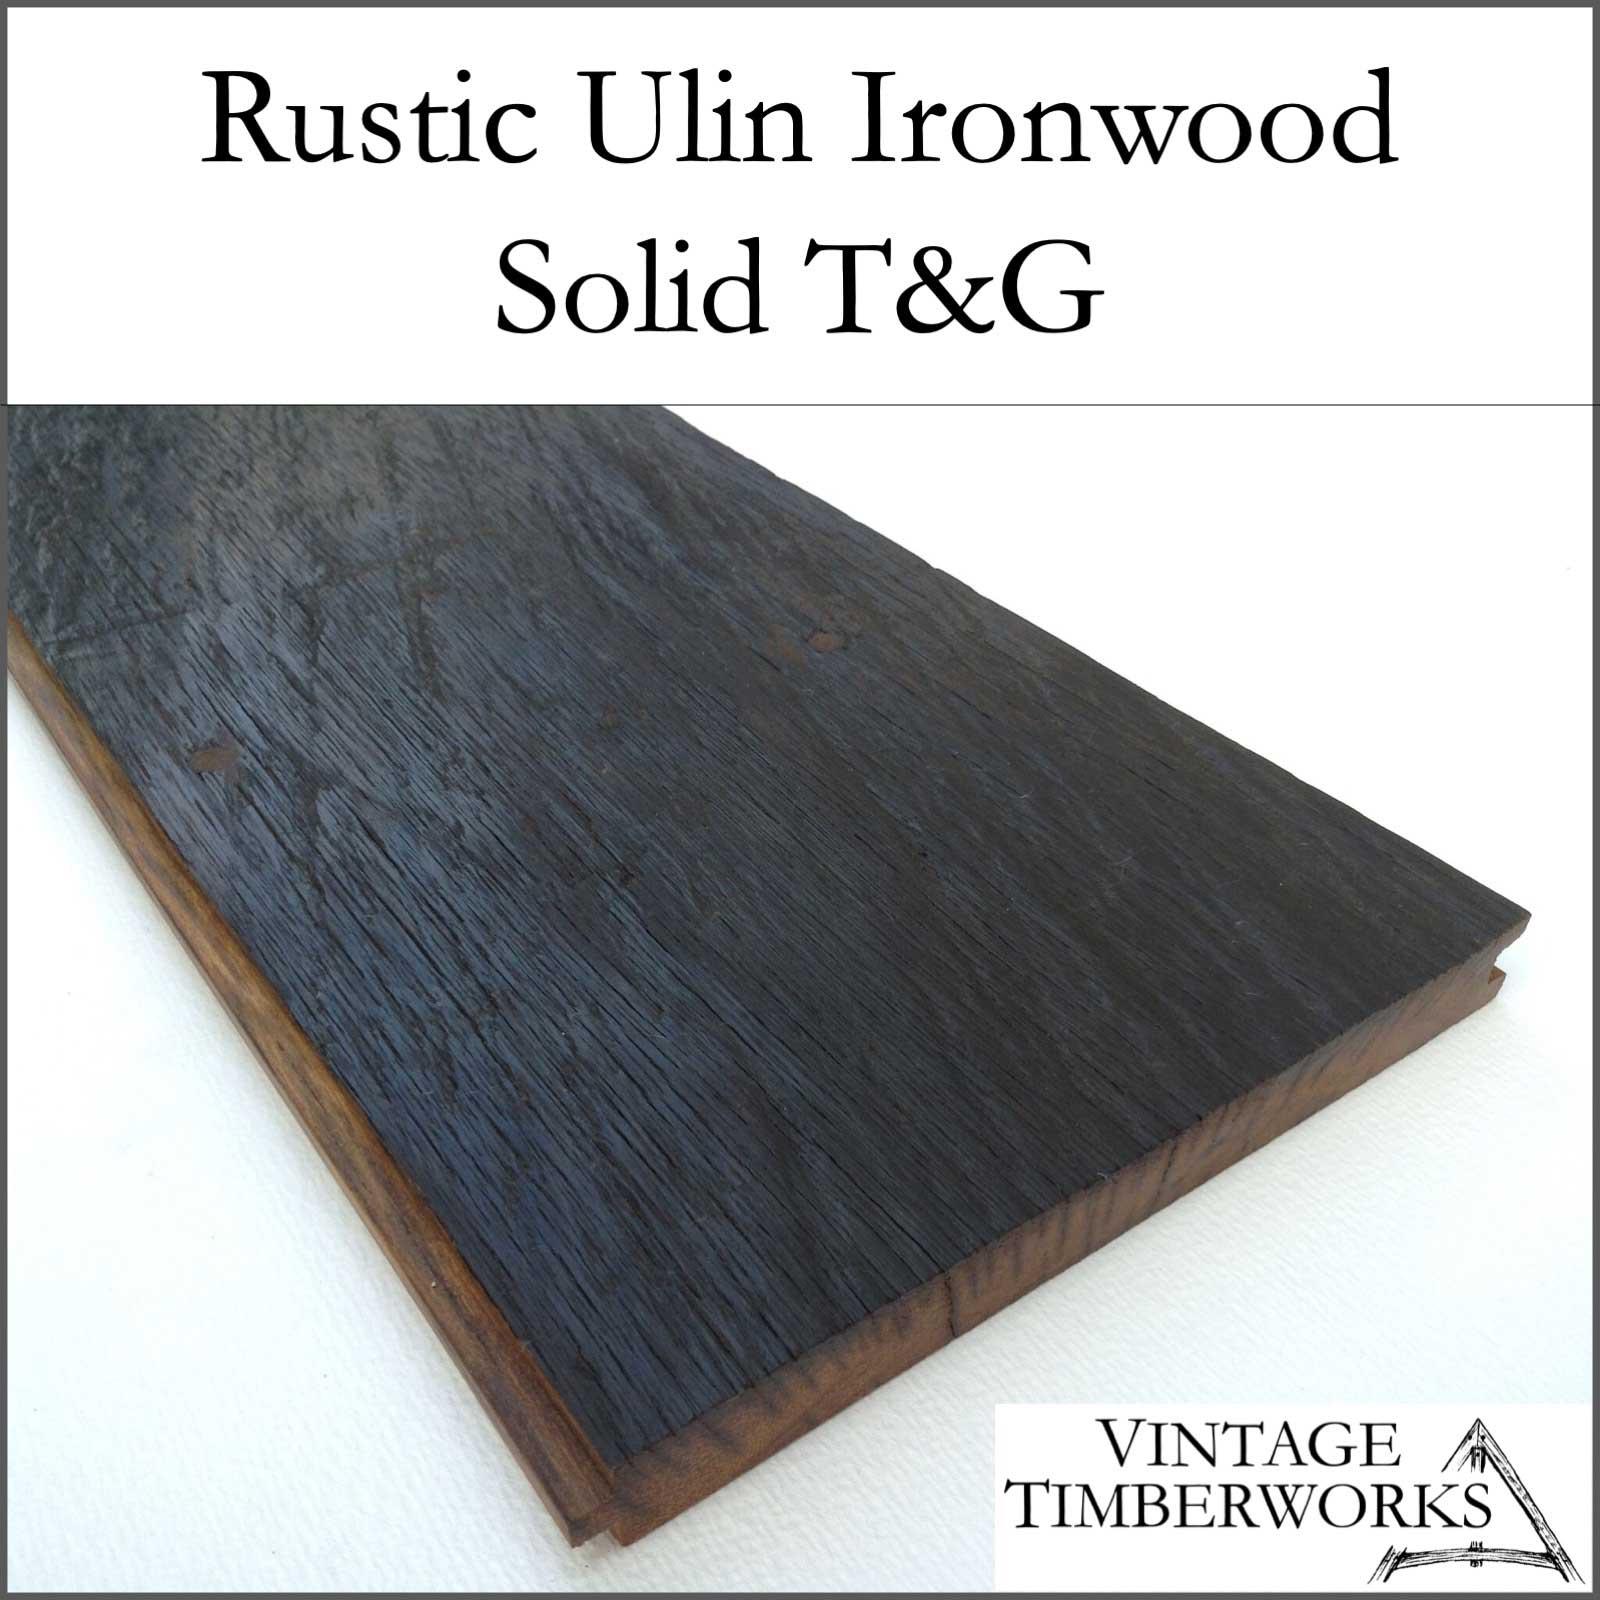 Rustic Ulin Ironwood Solid Flooring - Ulin Ironwood